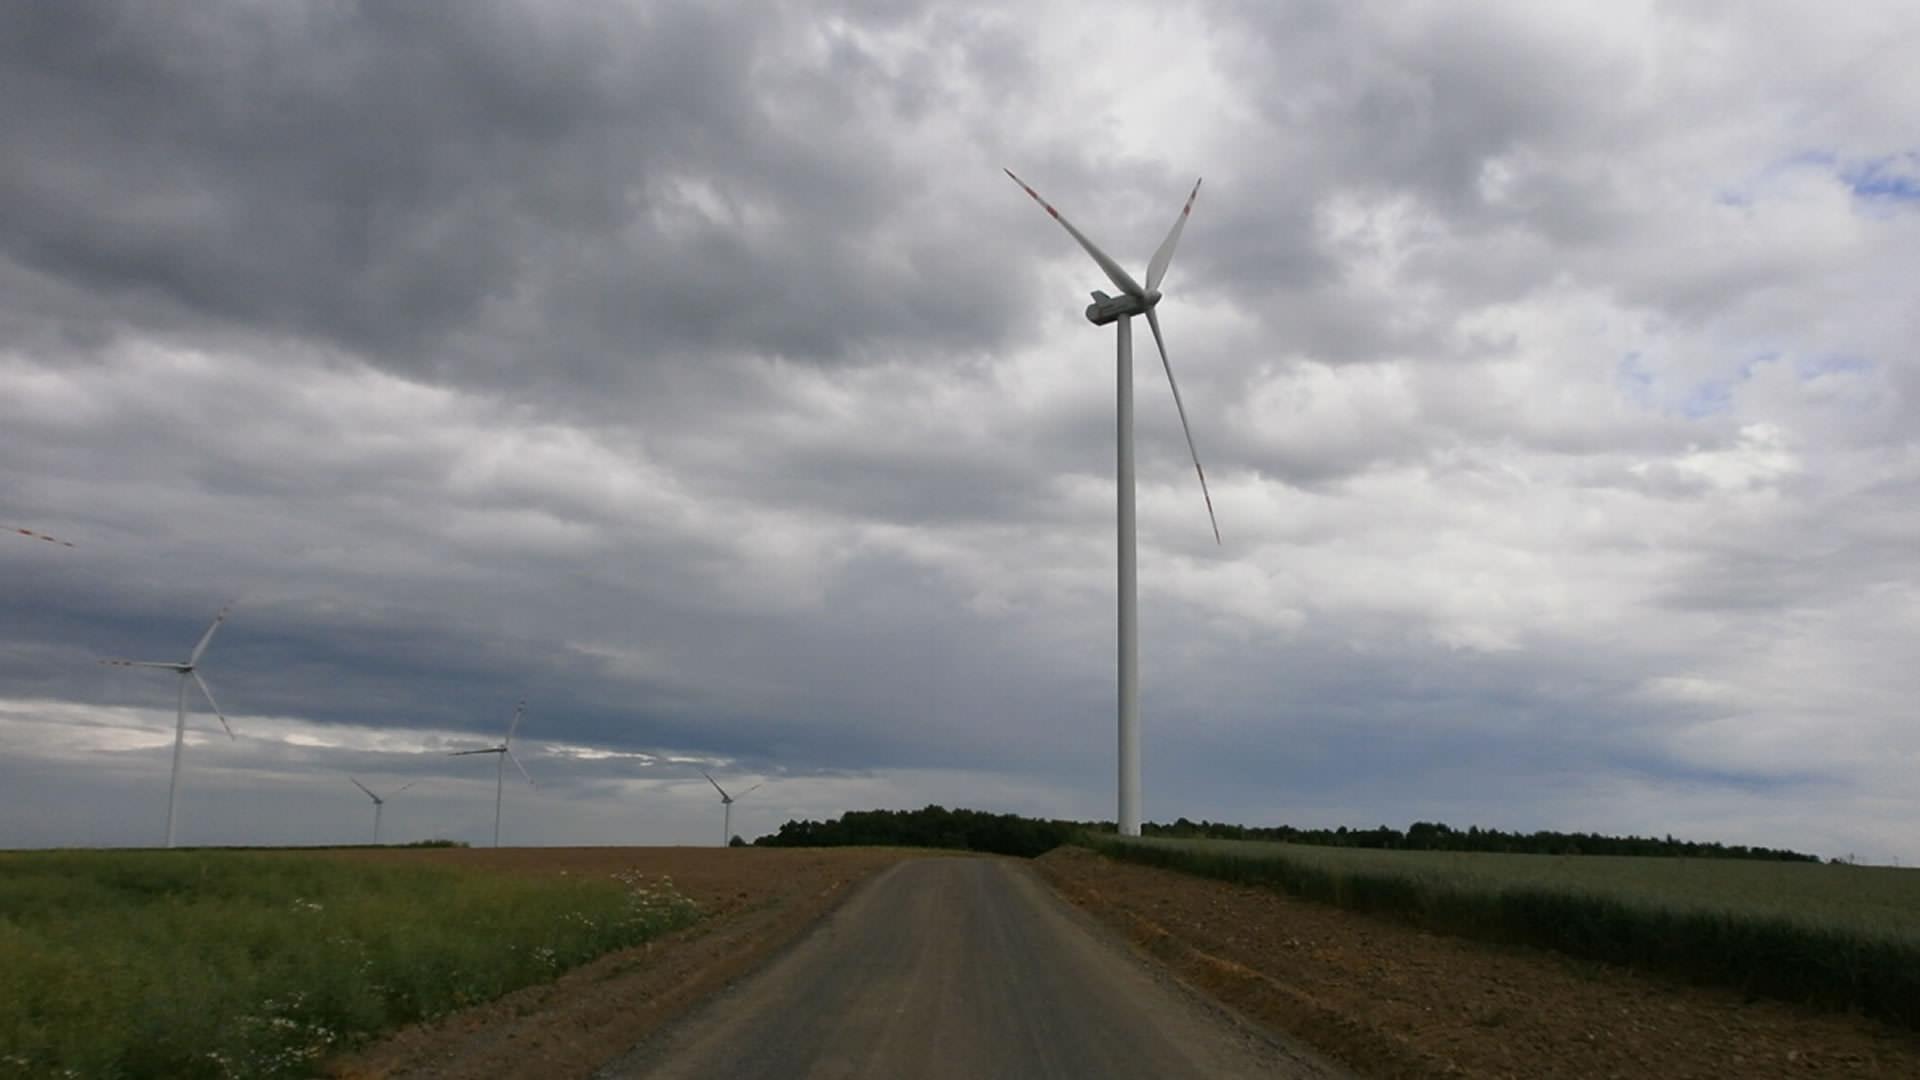 Jedrzychowice Wind Farm